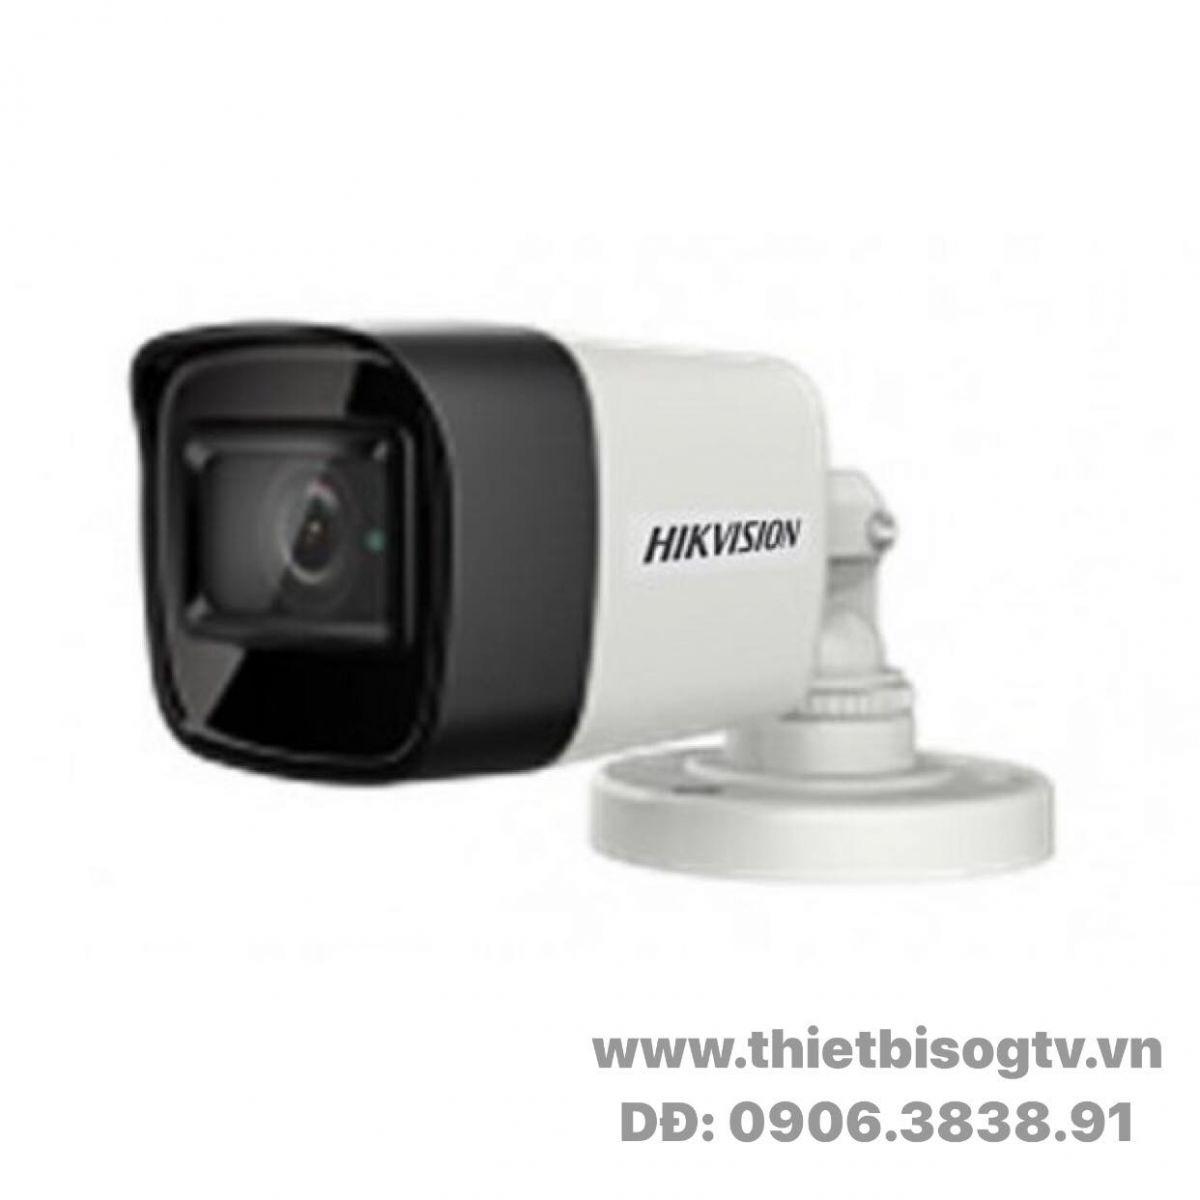 camera hikvision tvi thân ds-2ce16h8t-it (f)